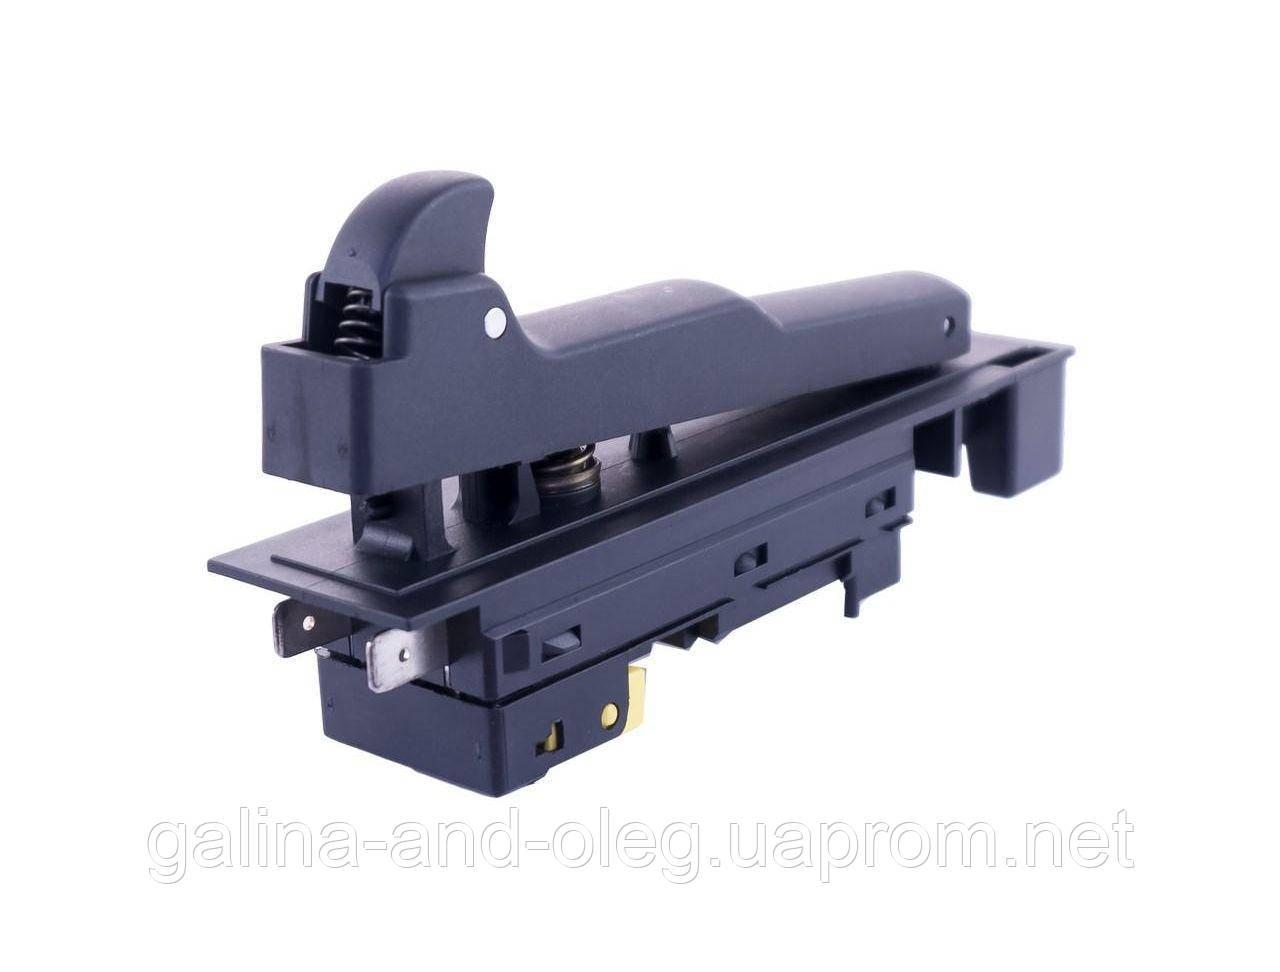 Кнопка шлифмашины угловой ZPL - Сгaft 2500